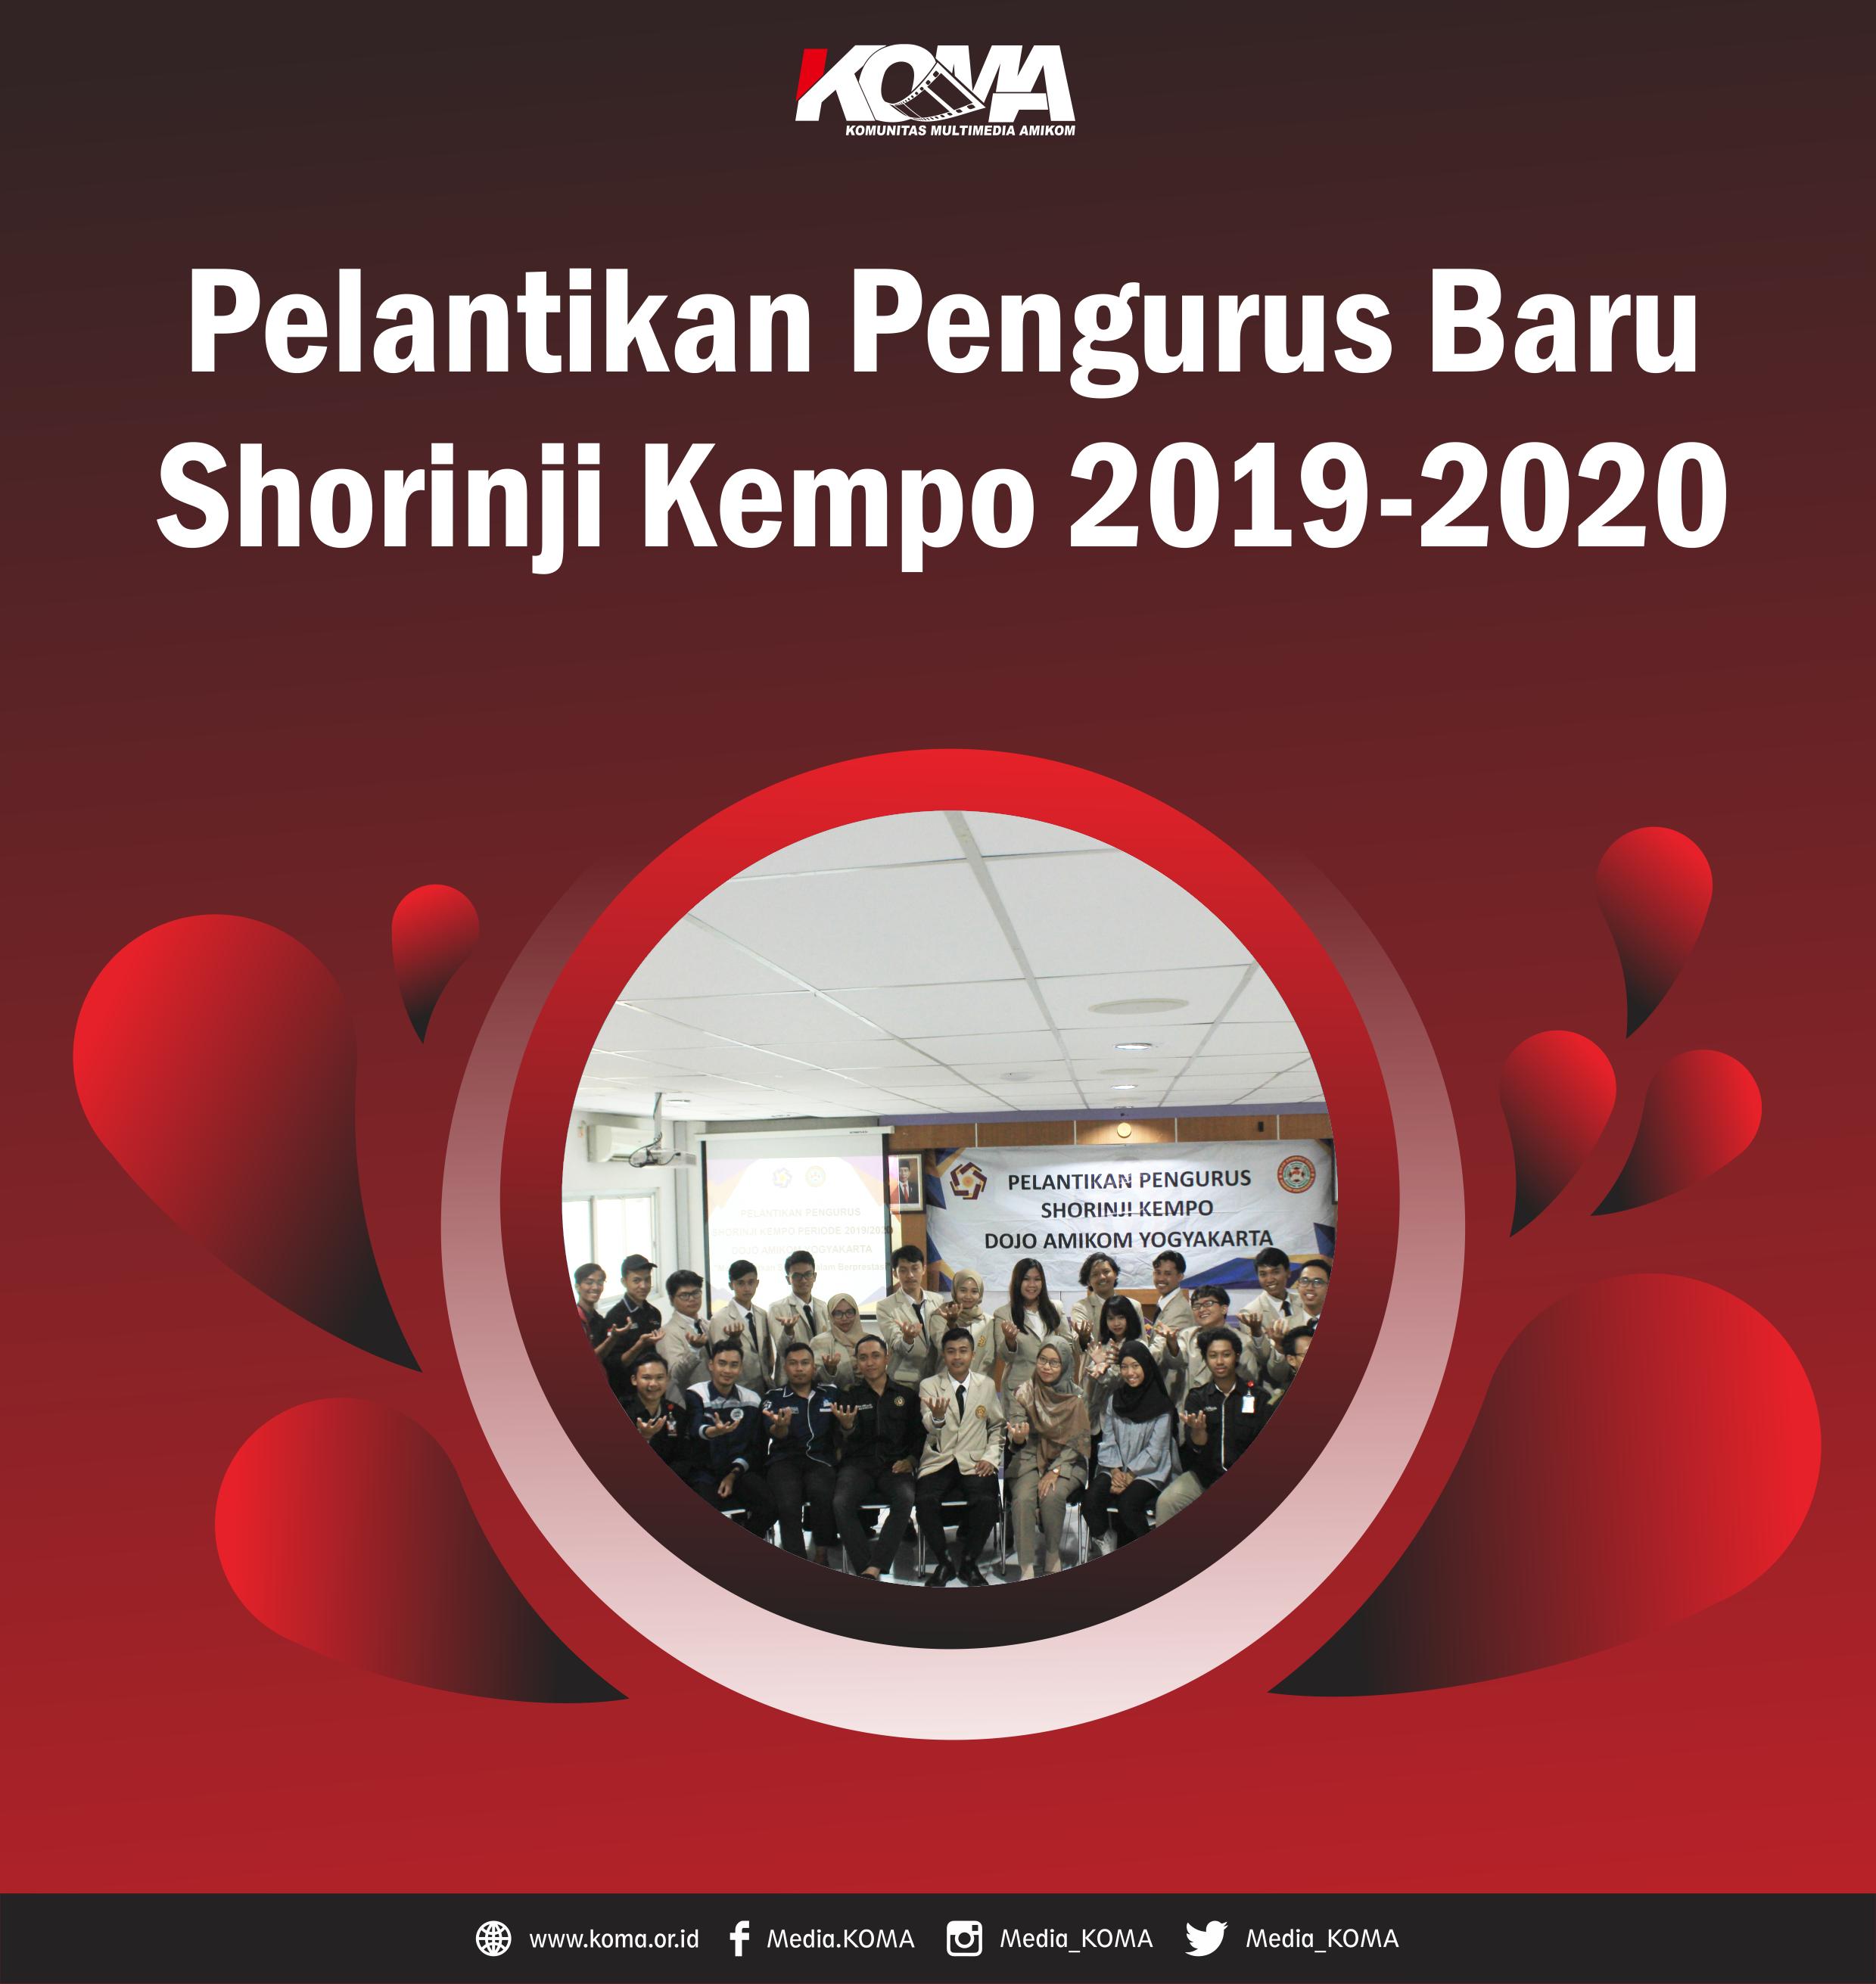 Pelantikan-Pengurus-Baru-Shorinji-Kempo-2019-2020